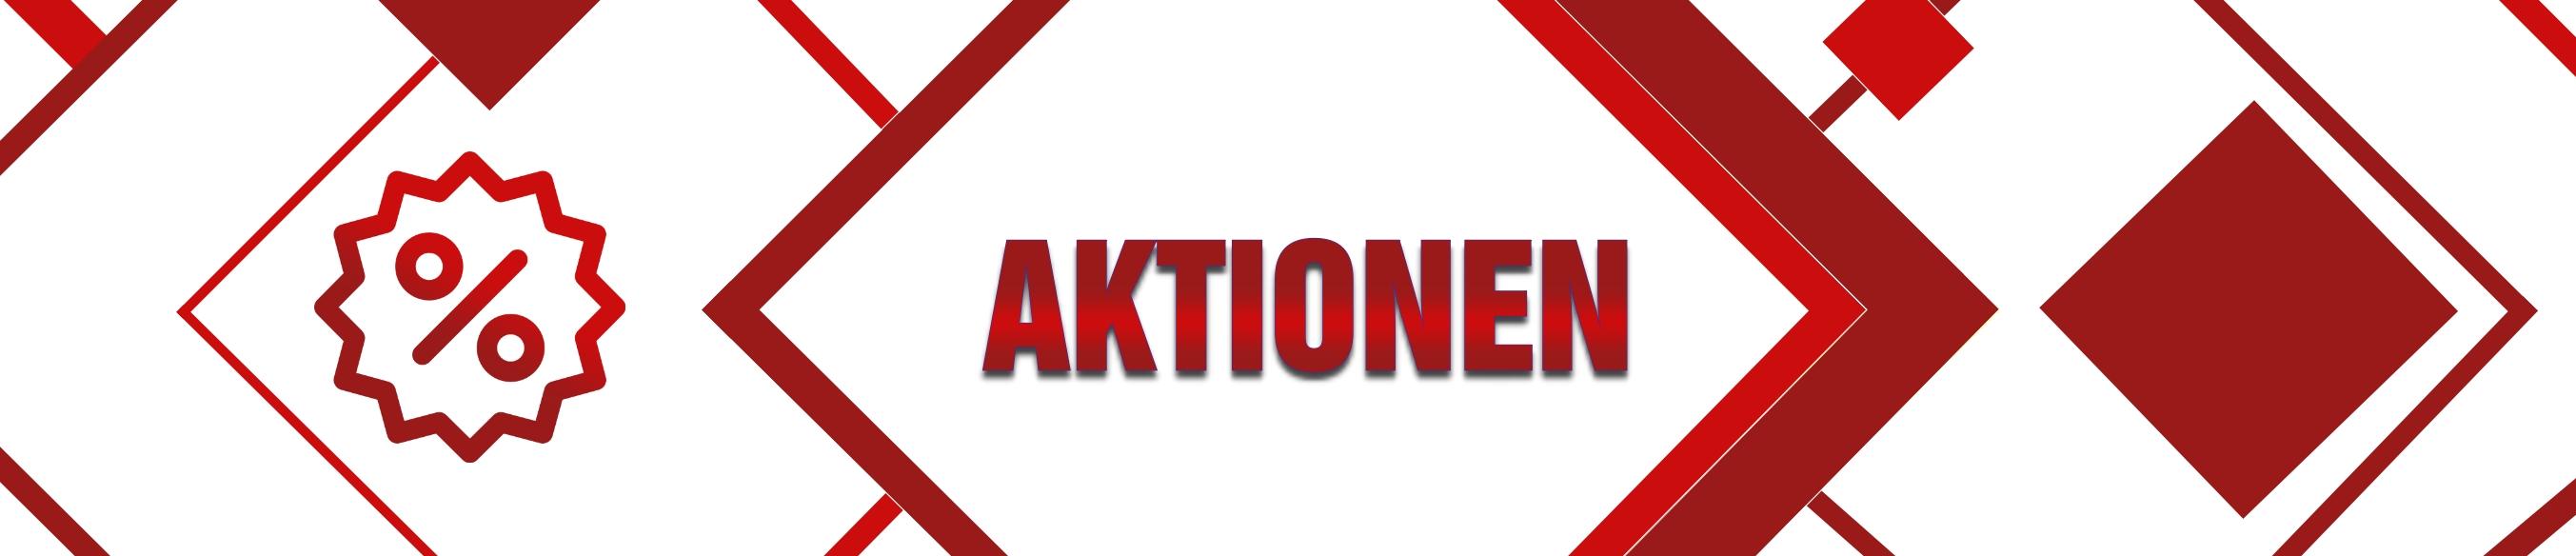 AKTM5ISMRKEg4FN8